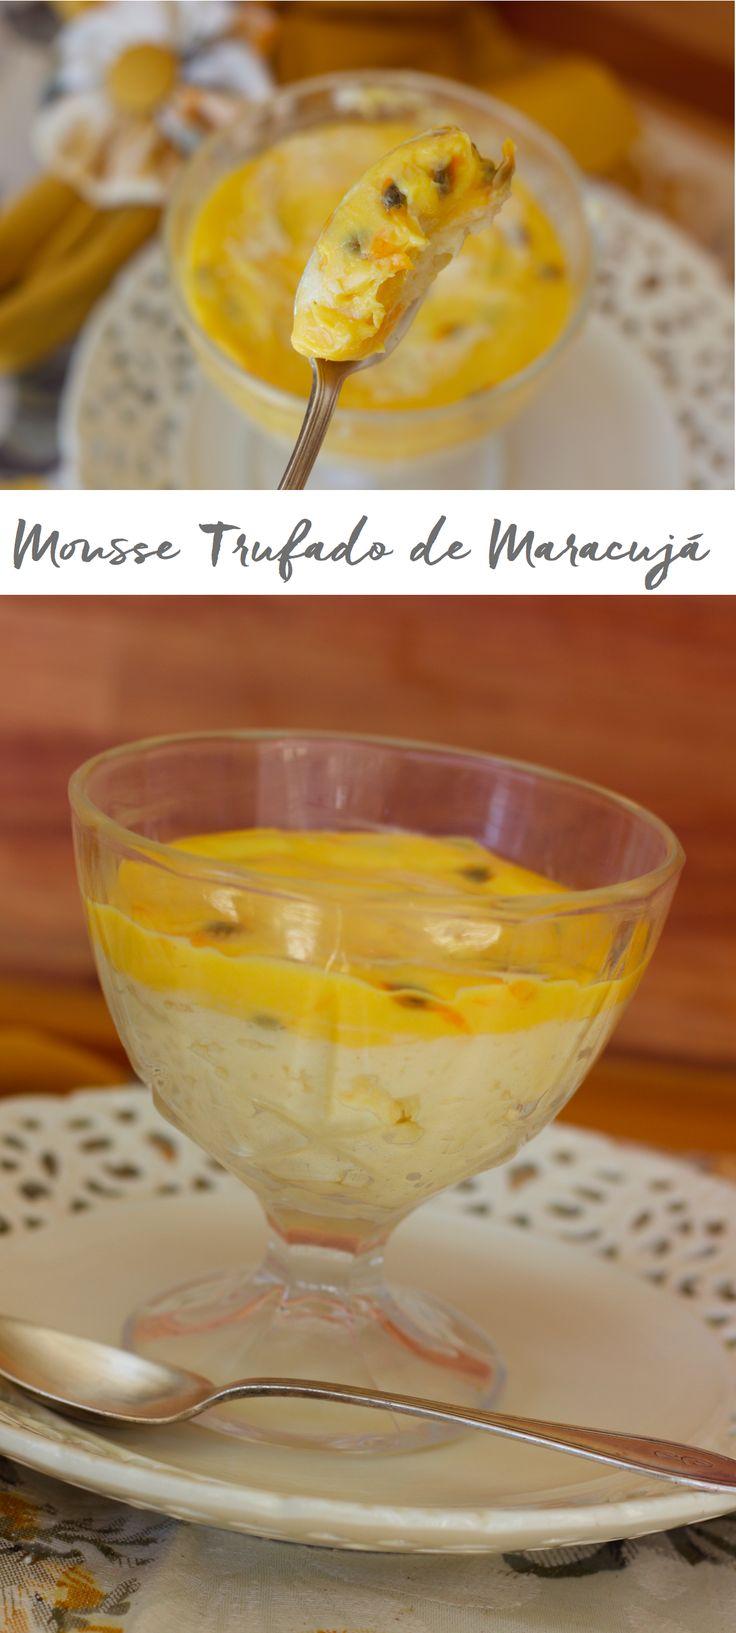 Mousse Trufado de Maracujá, Equilibrio perfeito entre o azedinho do maracujá e o doce do chocolate branco. Cremosa, aerada, leve e mais fácil de fazer do que você imagina!